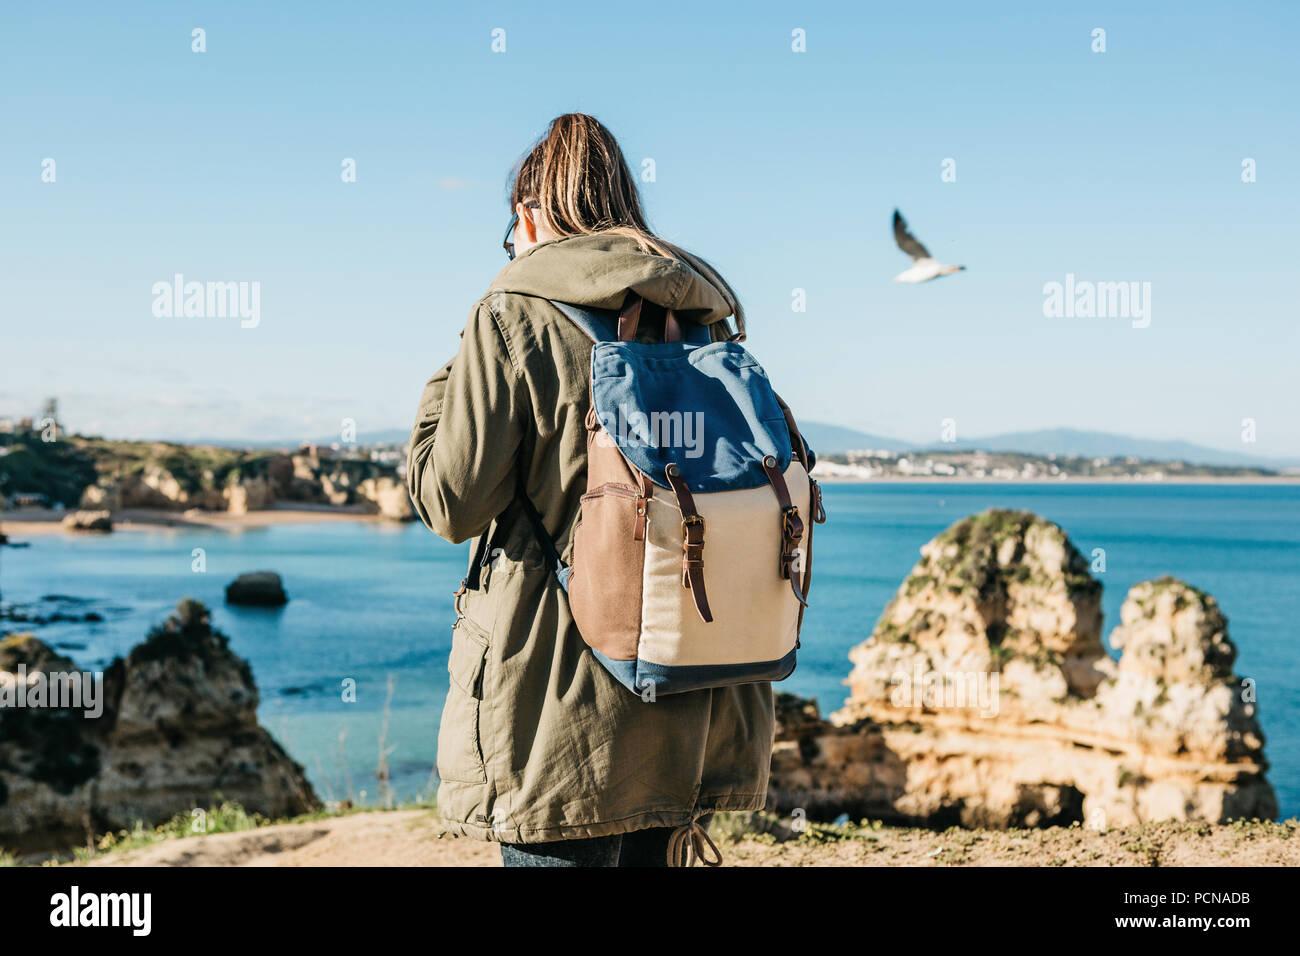 Un turista o viaggiatore con uno zaino passeggiate lungo la costa dell'Oceano Atlantico e si ammira la splendida vista dell'oceano vicino la città chiamata Lagos in Portogallo. Immagini Stock